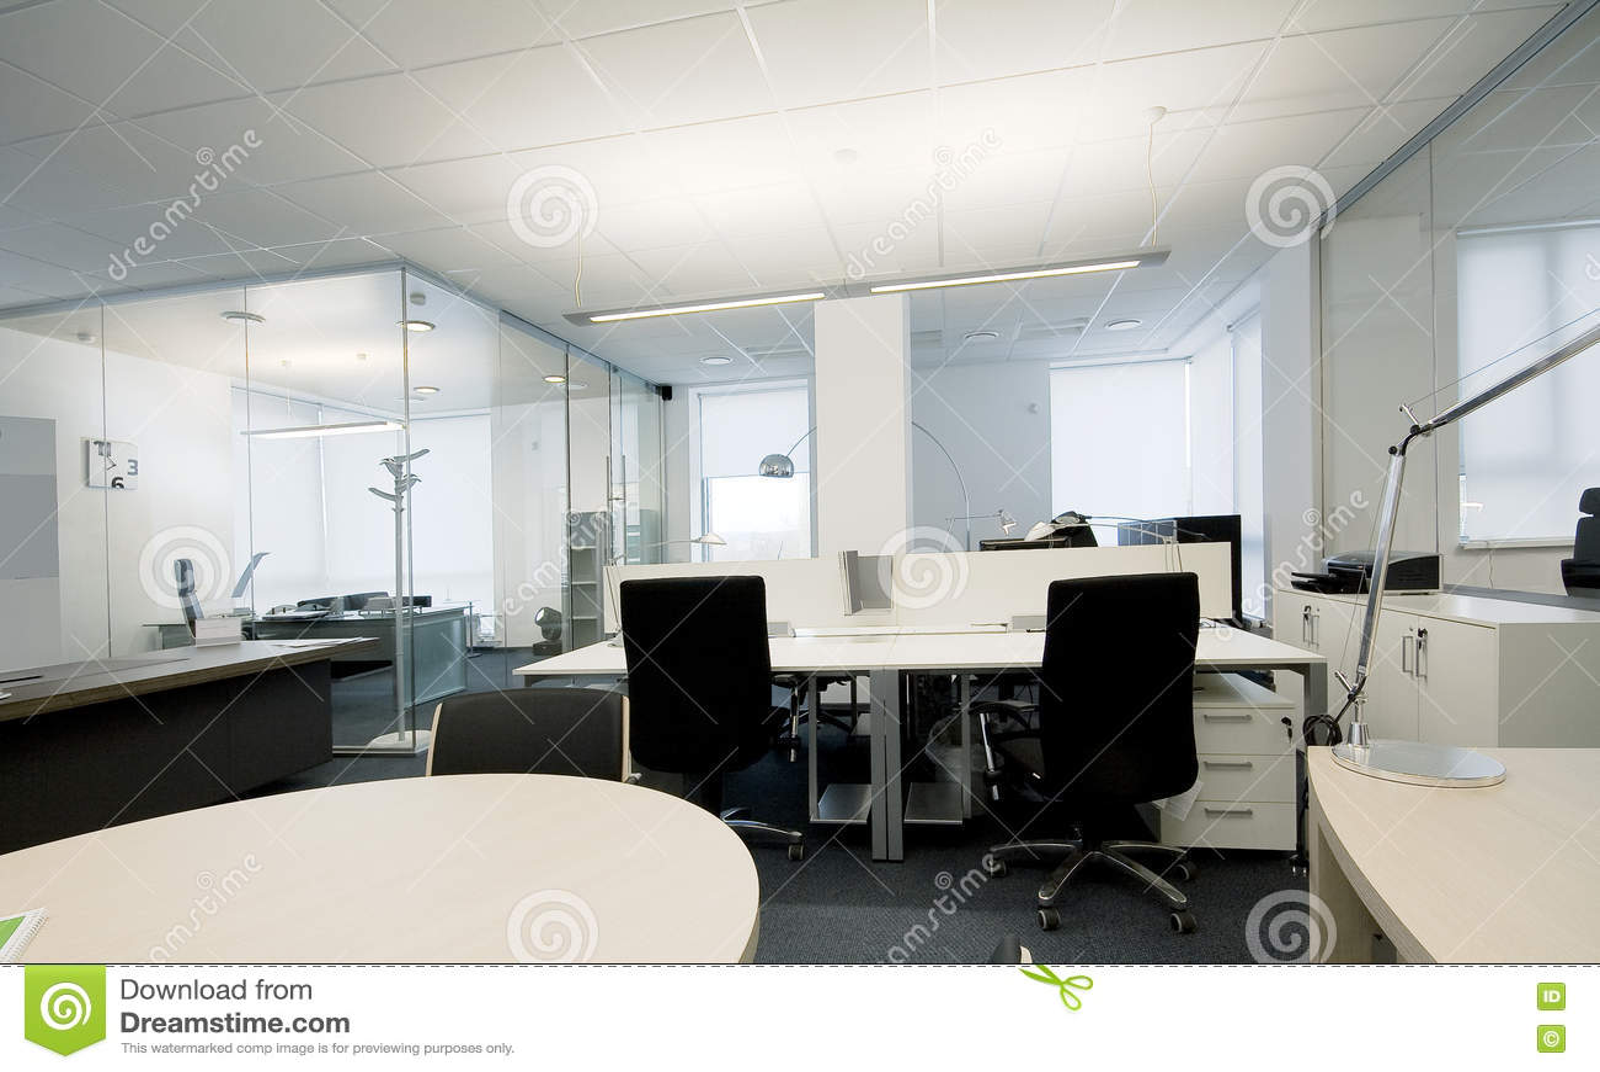 Foto Ufficio Moderno : Ufficio moderno immagine stock. immagine di vuoto poltrona 10558031